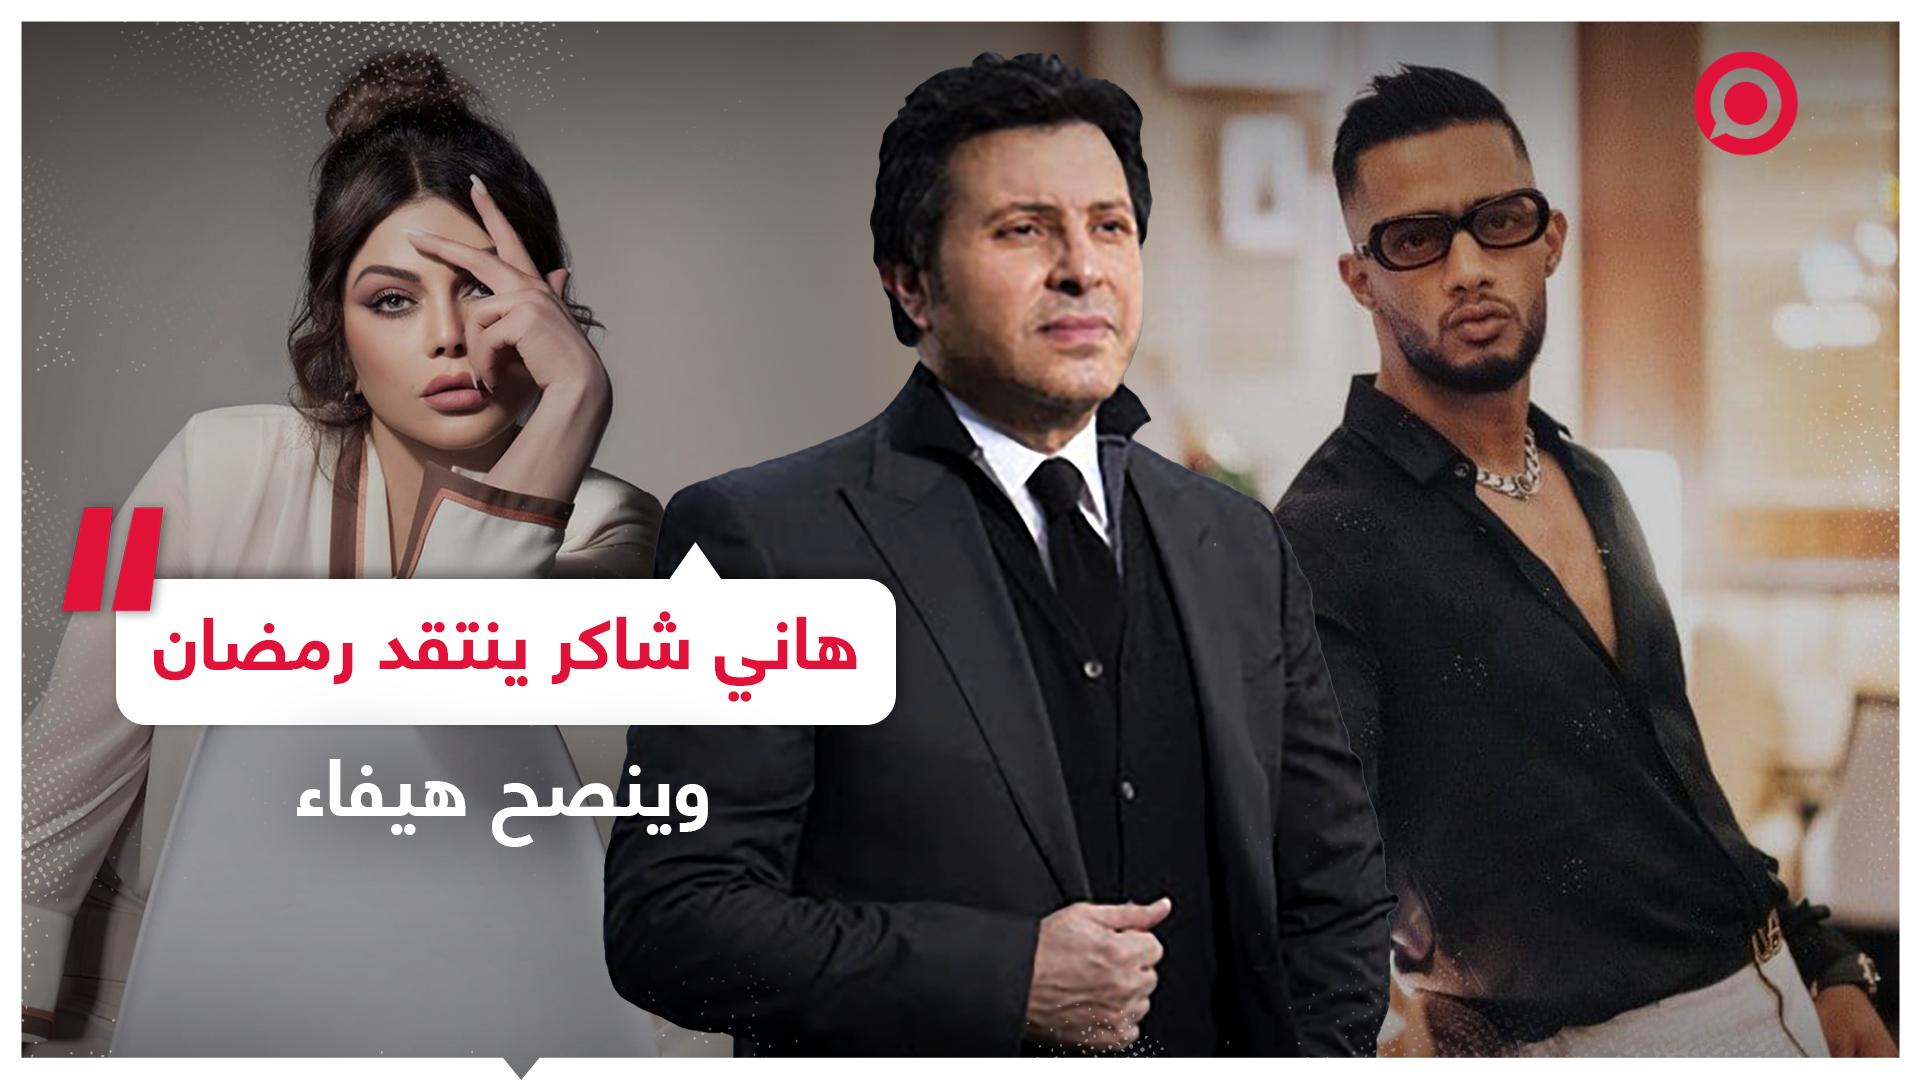 هاني شاكر ينتقد محمد رمضان وينصح هيفاء وهبي